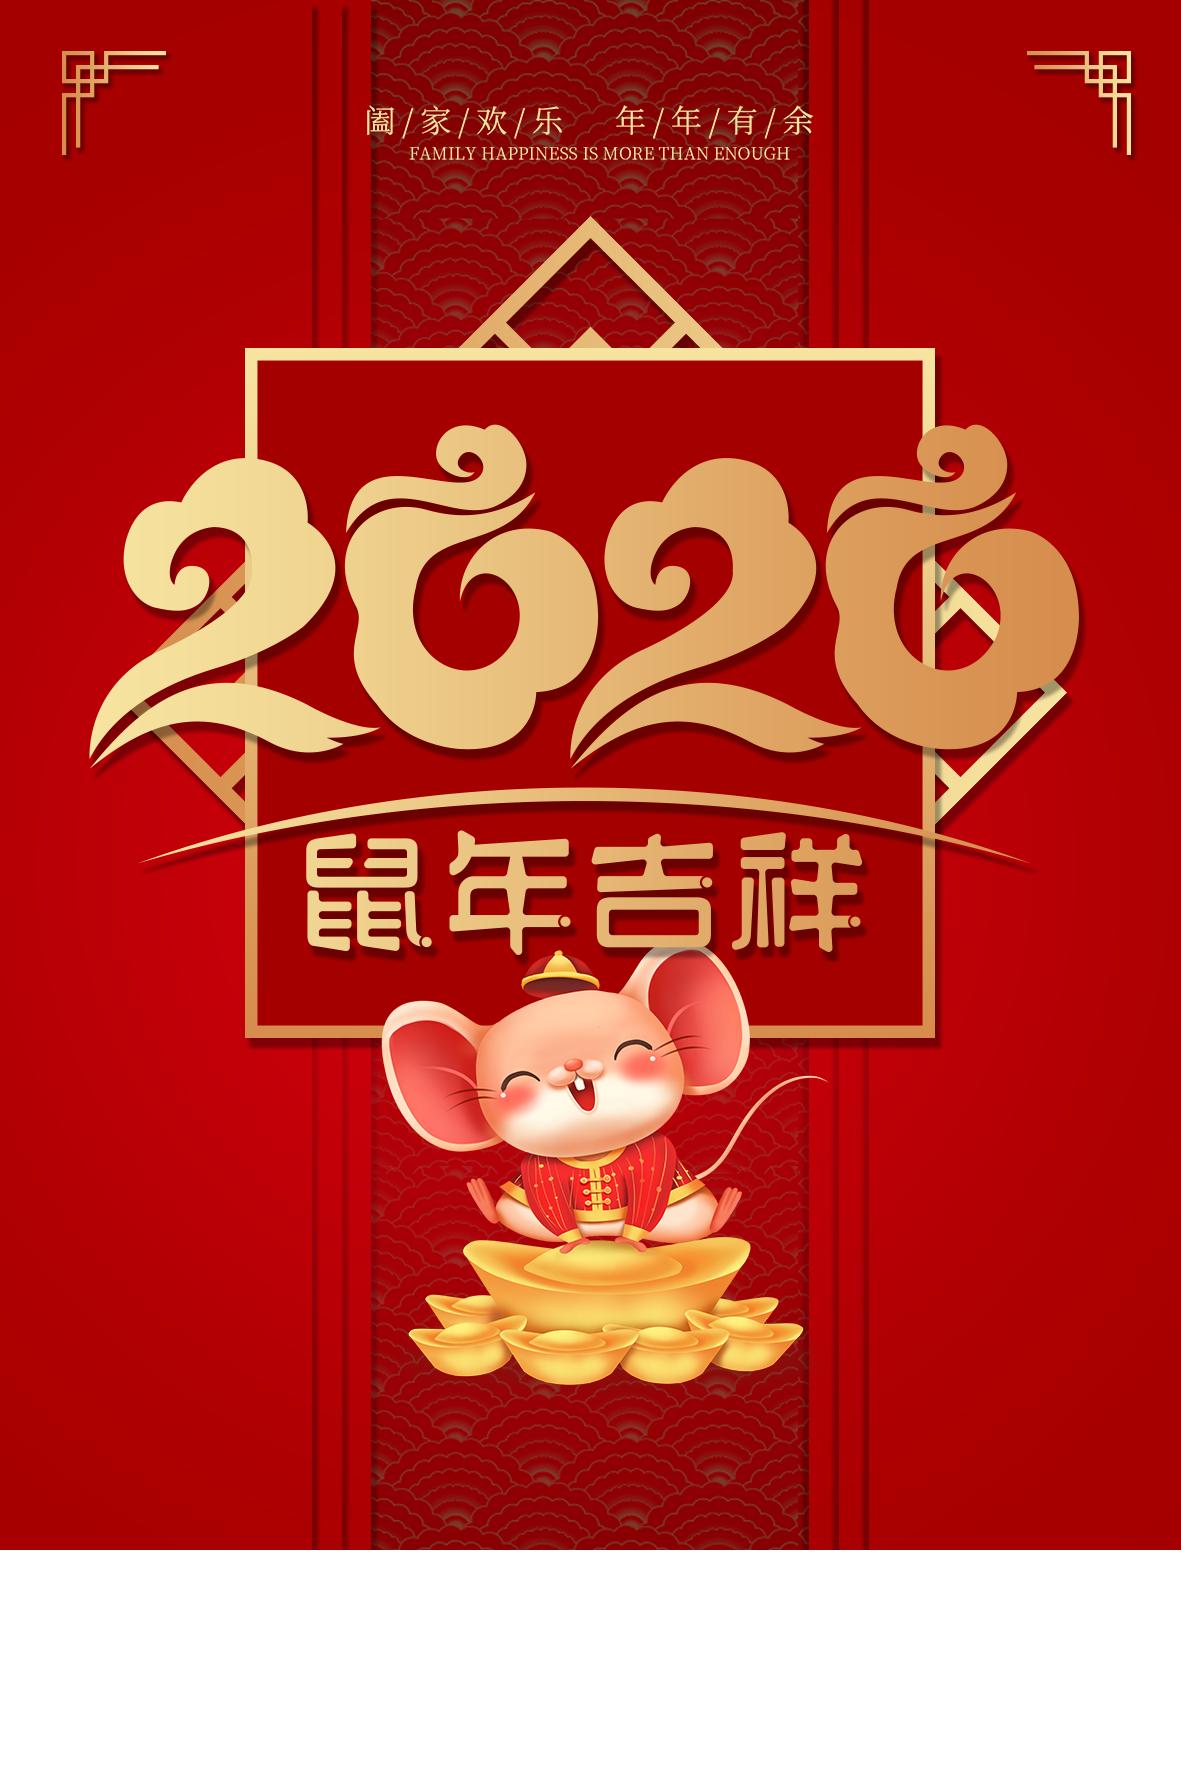 新乡豫剑水泵新年祝福!